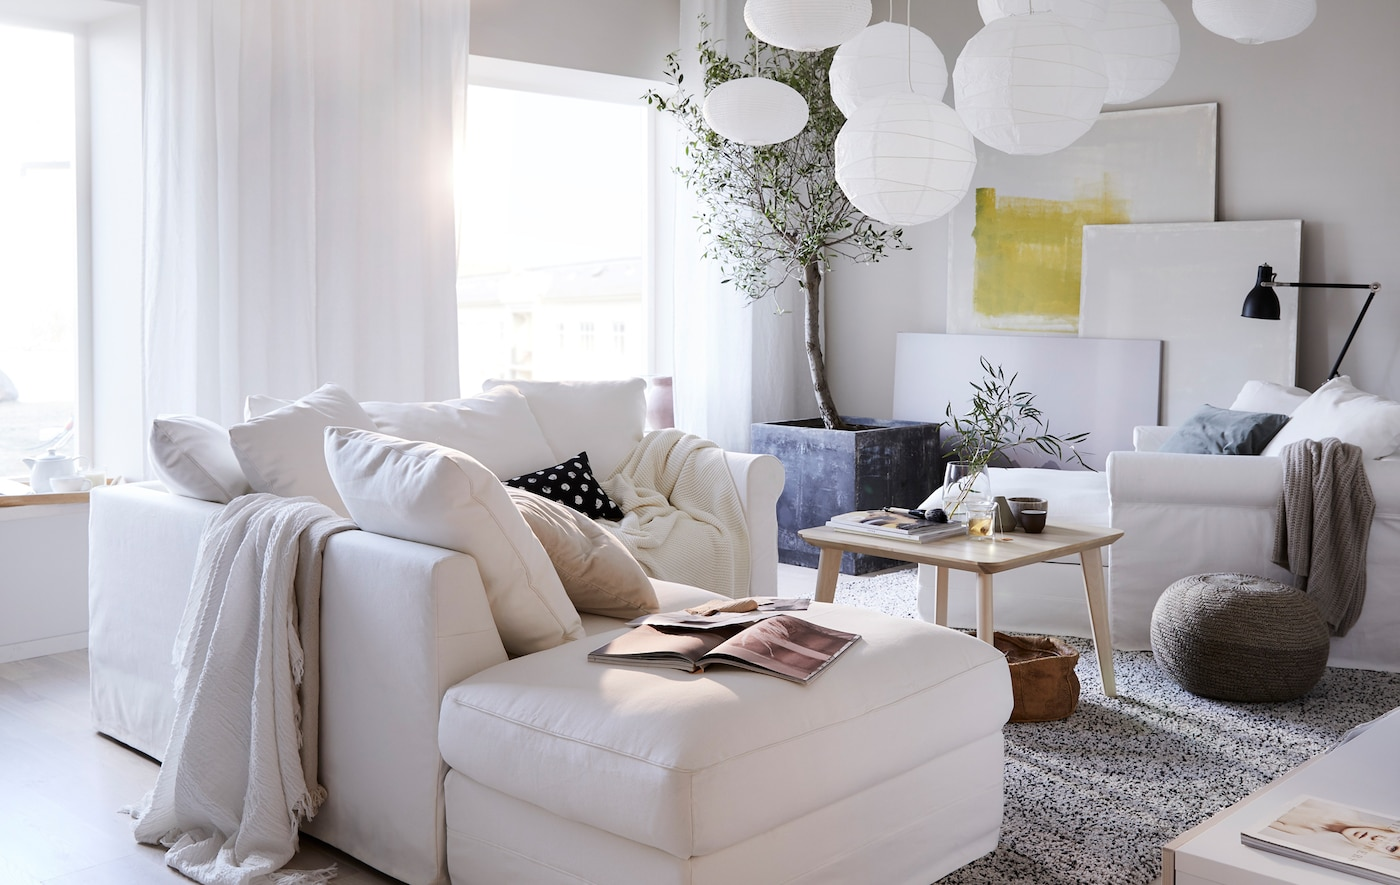 Weißes GRÖNLID 3er-Ecksofa in einem hellen Wohnzimmer mit Hängeleuchtenschirmen